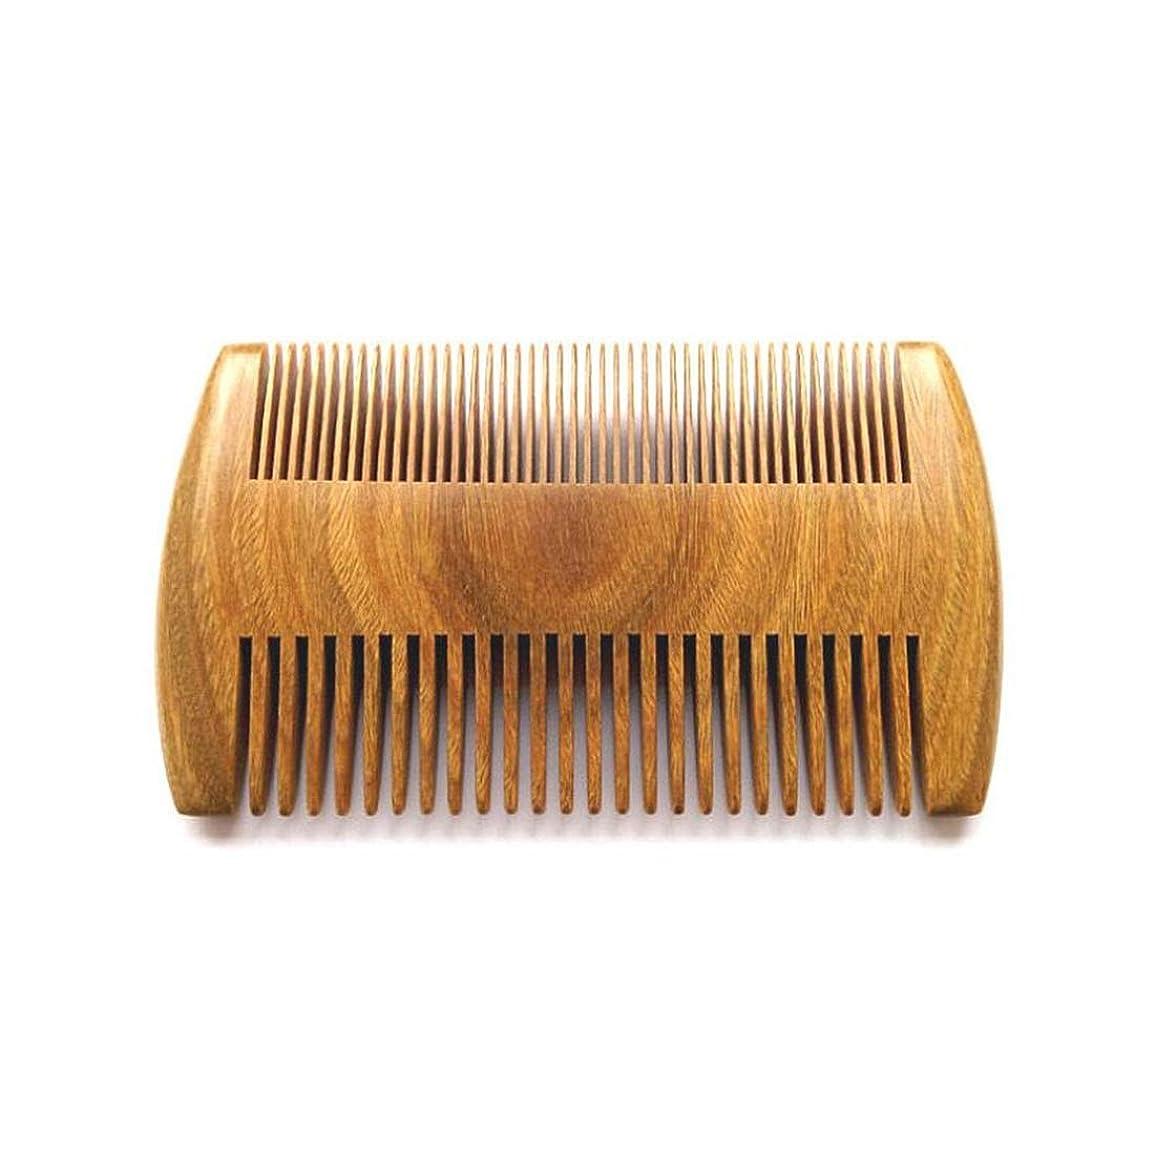 大工かもしれない映画手作りの天然サンダルウッドコーム - ふけ防止、帯電防止、環境にやさしい - 頭皮と髪の健康に良い歯と広い歯に適しています ヘアケア (色 : Wood color)